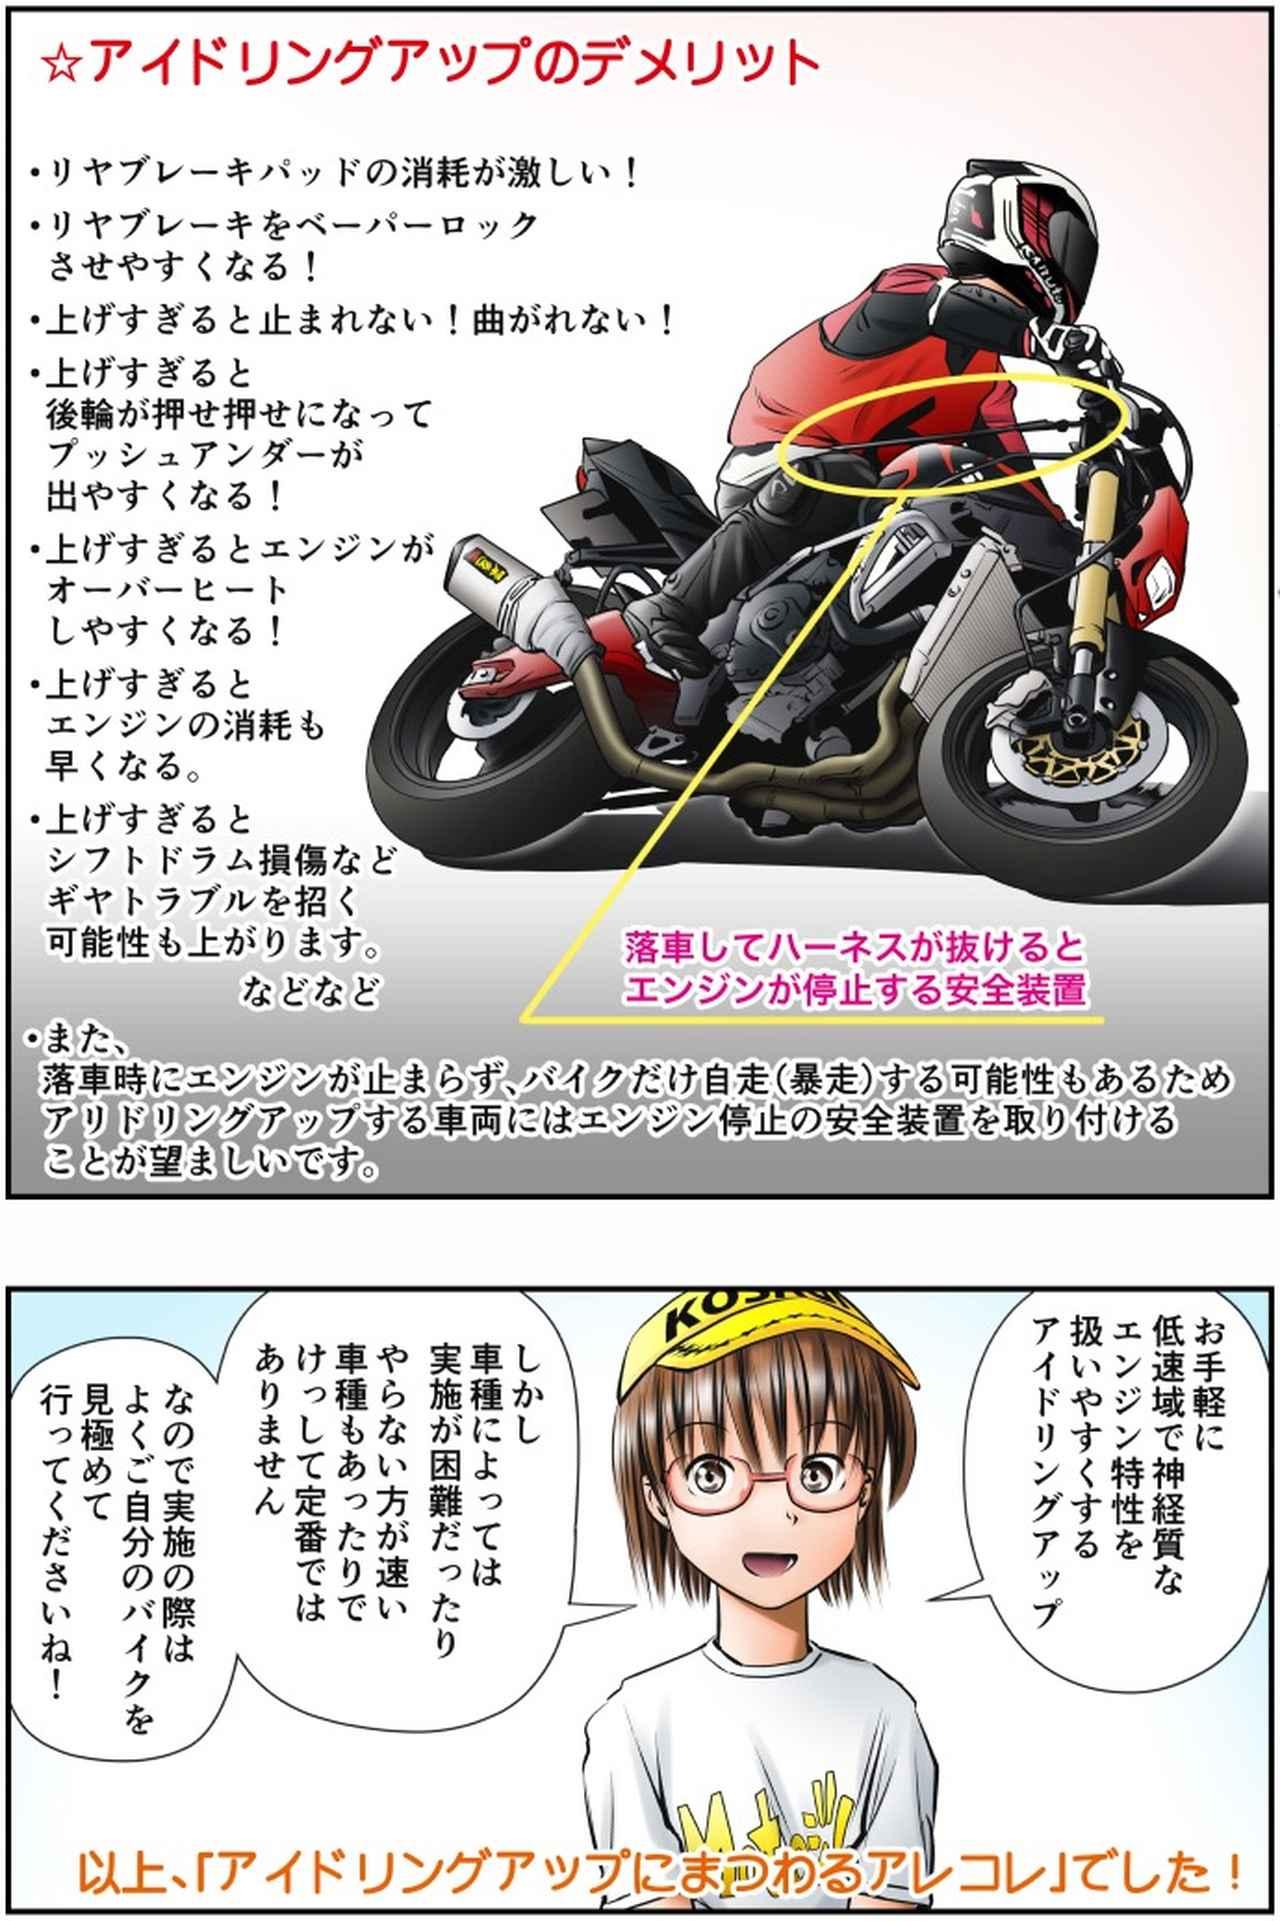 画像4: Motoジム! おまけのコーナー (アイドリングアップにまつわるアレコレ)  作・ばどみゅーみん